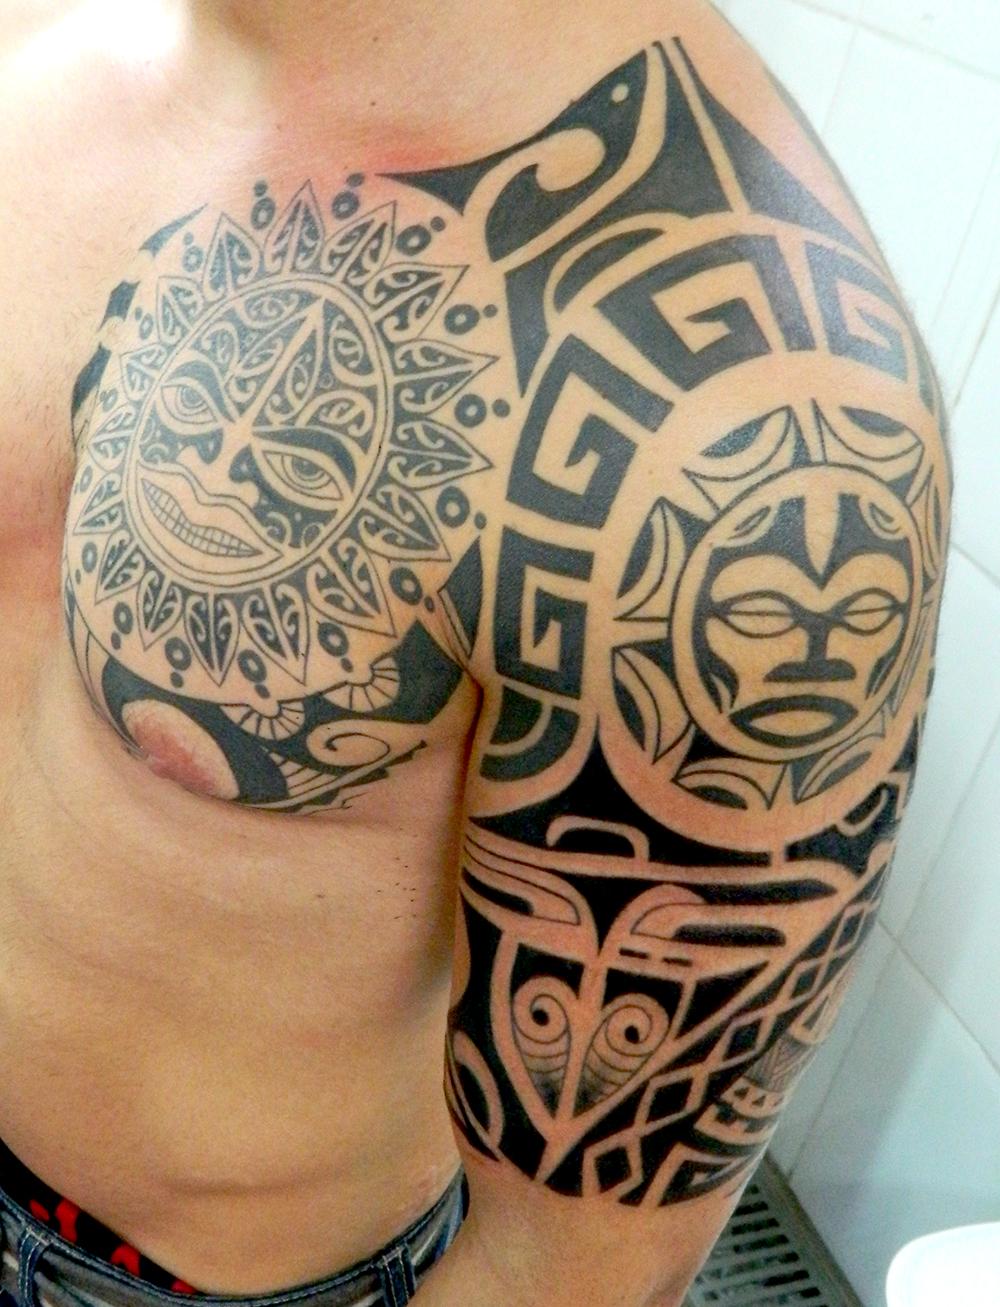 tatuagem maori masculina no braço e peito